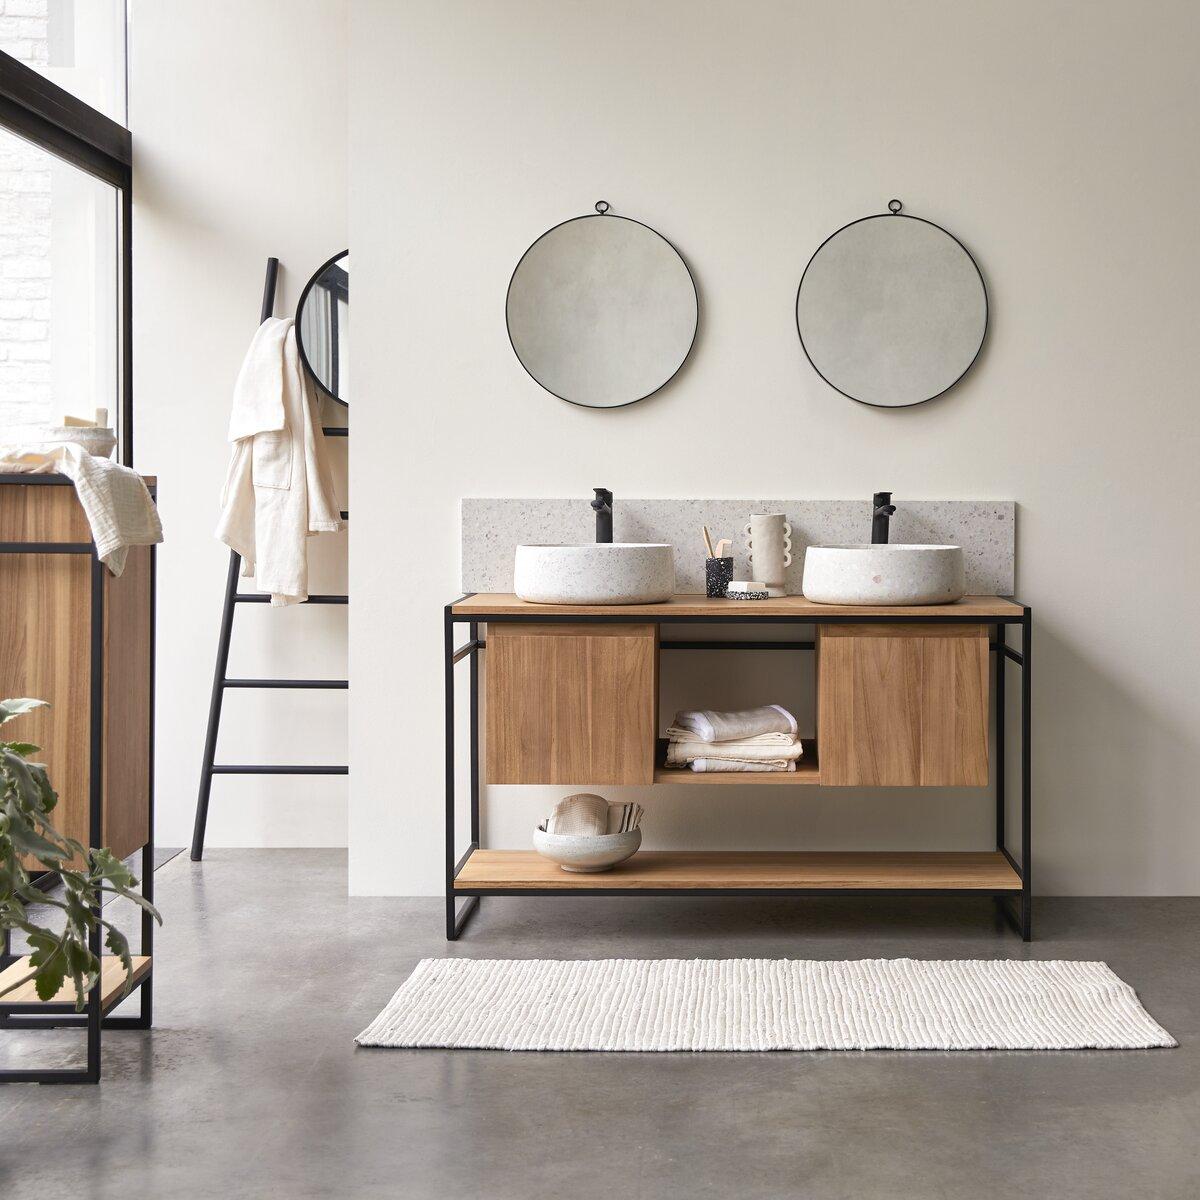 Meuble Salle de bain en teck massif et métal 140